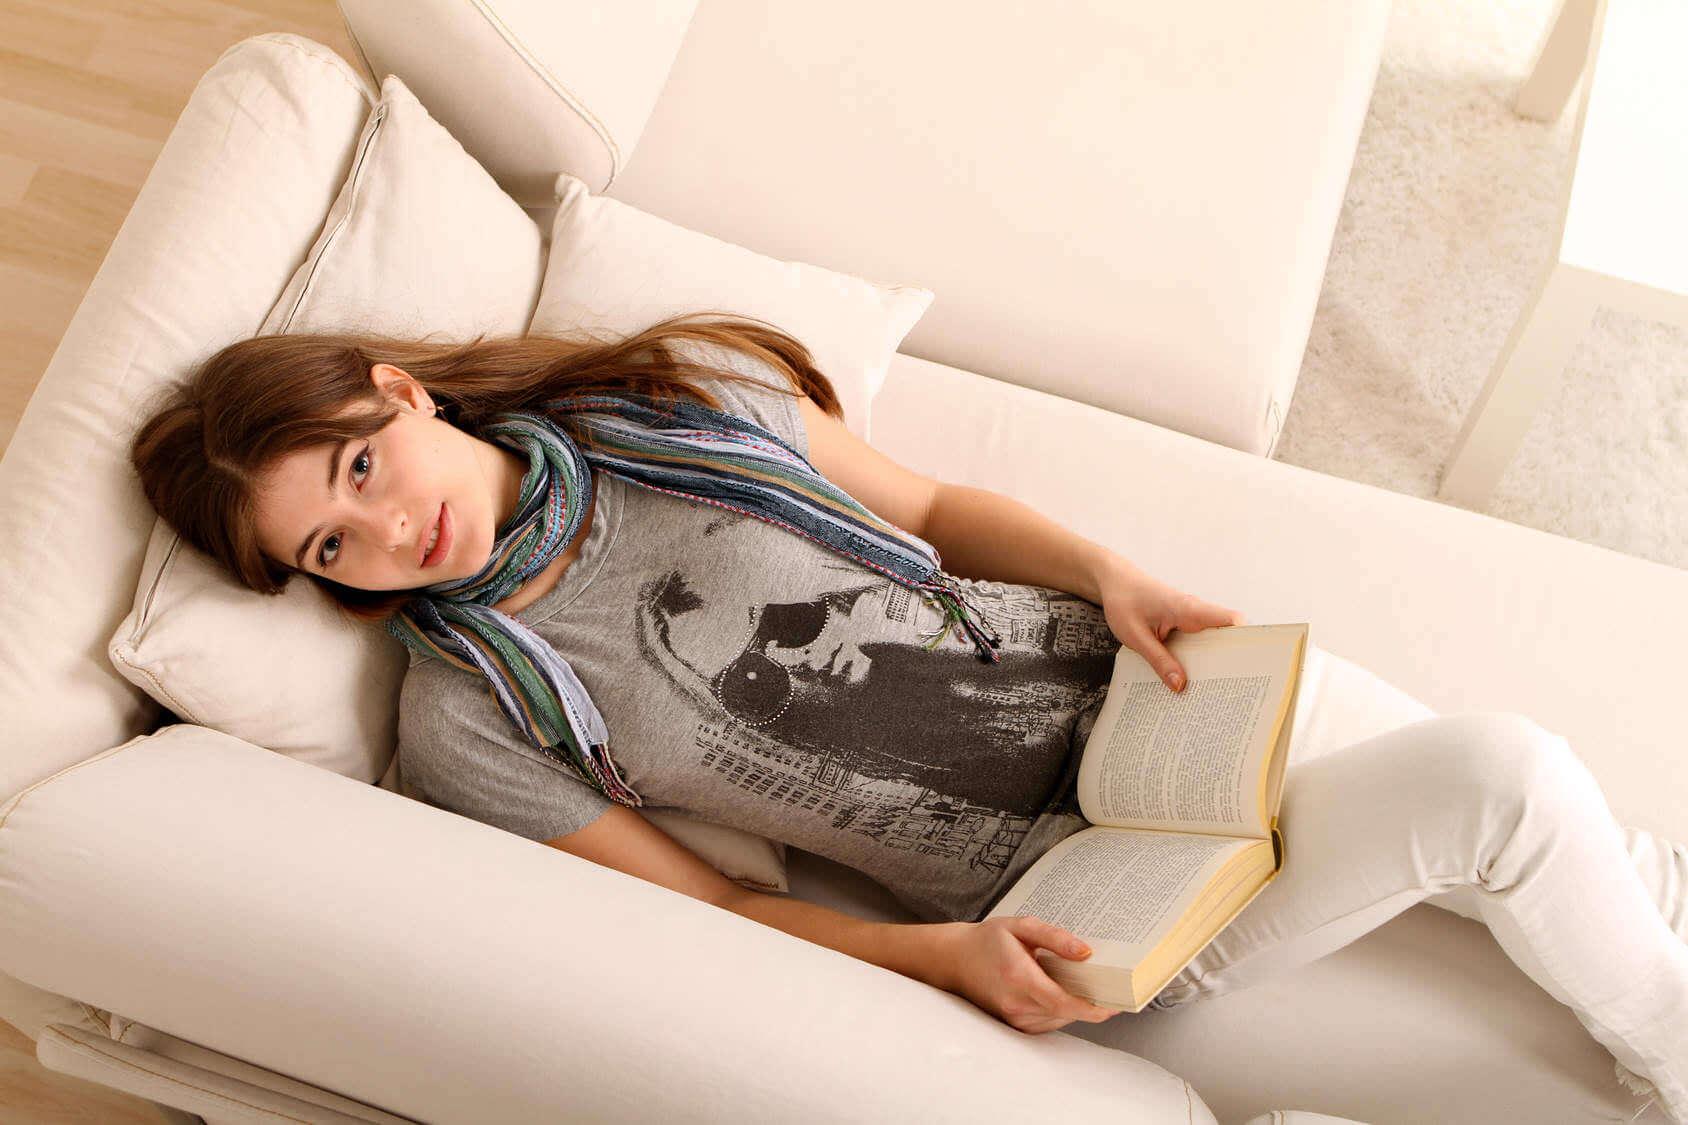 Jak robić dobre zdjecia - kobieta leżąca na kaniepie czyta książkę - kadr z góry